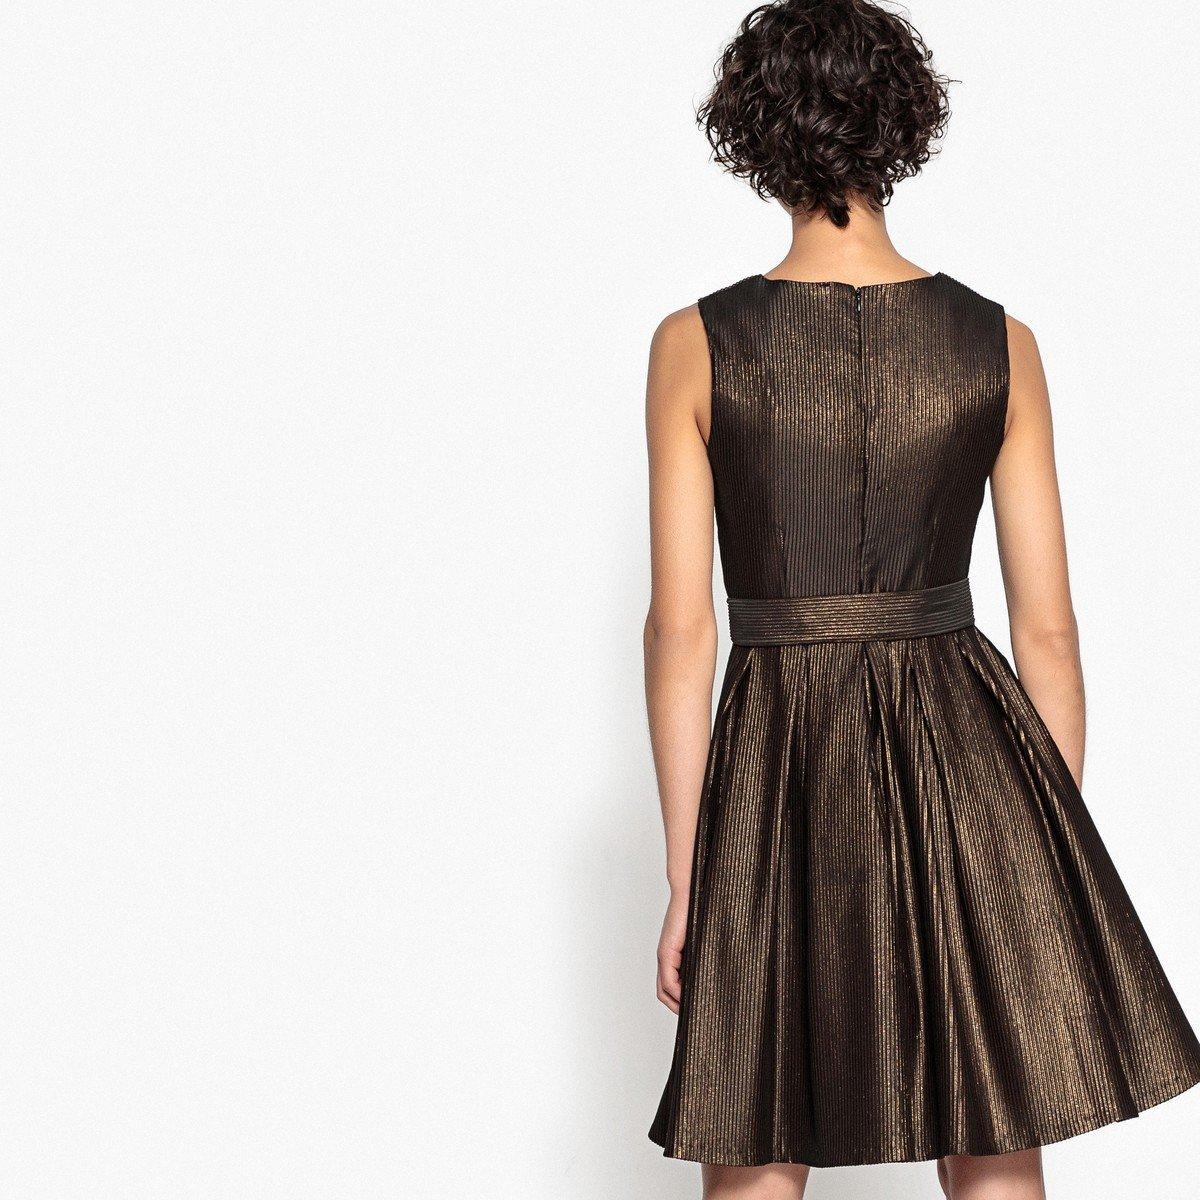 La Redoute Mademoiselle R para Mujer Vestido de Jacquard con cinturón Bronce 50: Amazon.es: Ropa y accesorios